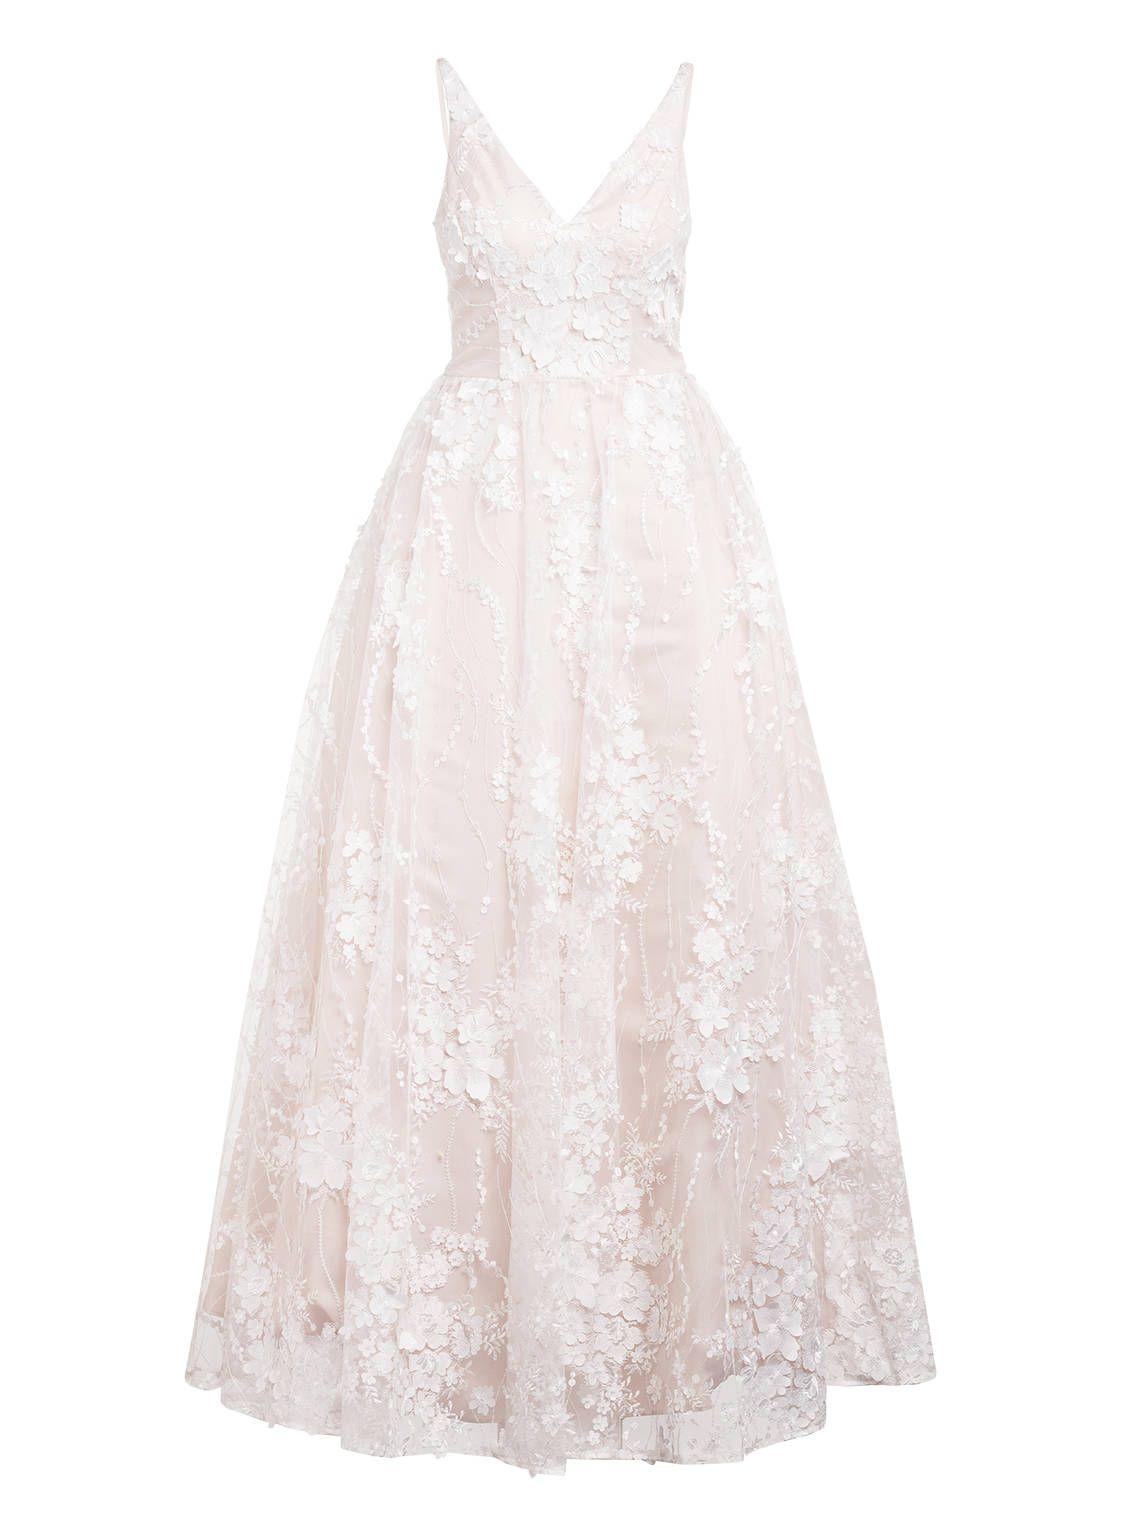 Unique Abendkleid Majestic Gown Mit Stola in 14  Abendkleid